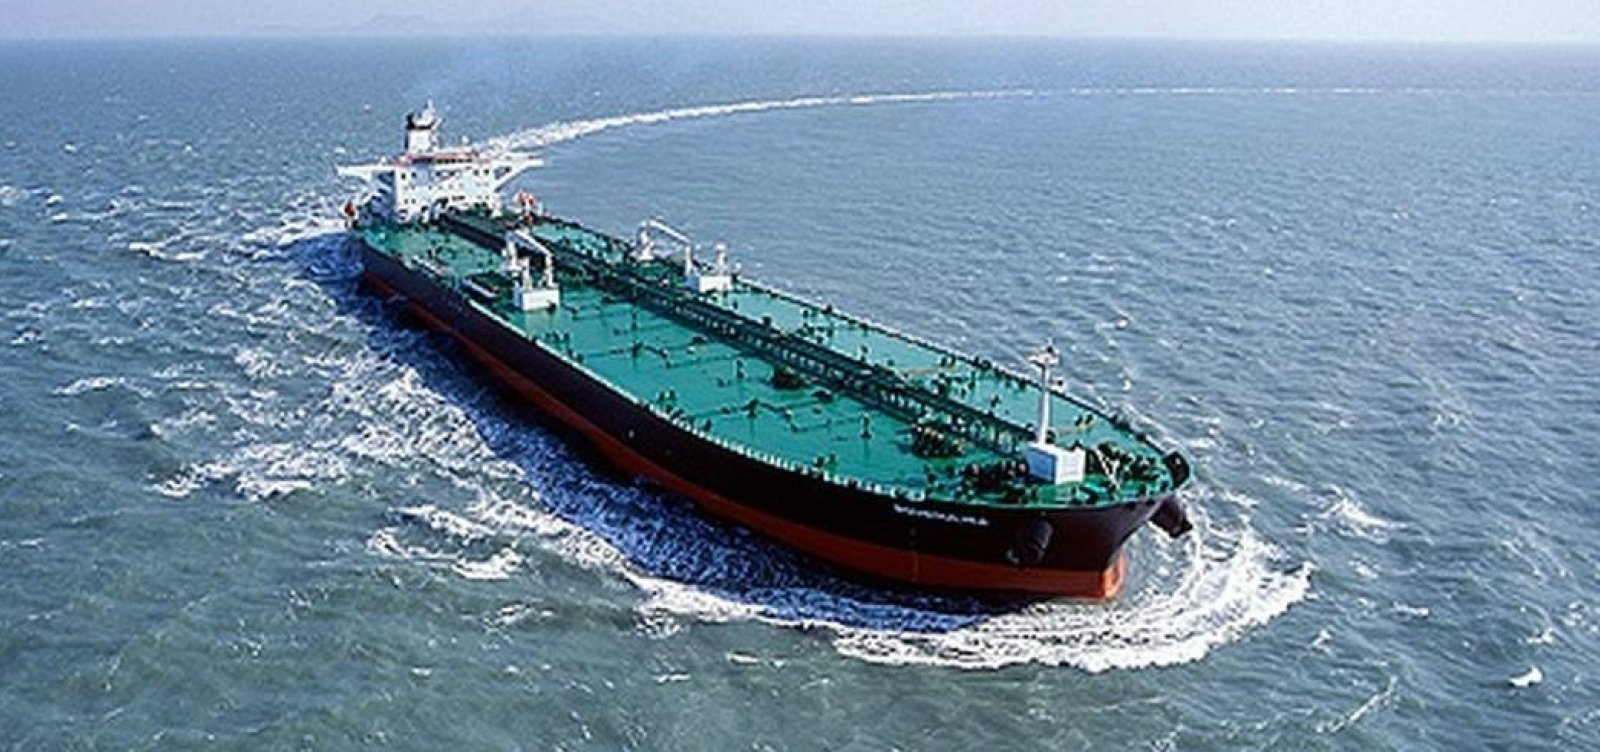 Mais 4 navios gregos são suspeitos de terem vazado óleo